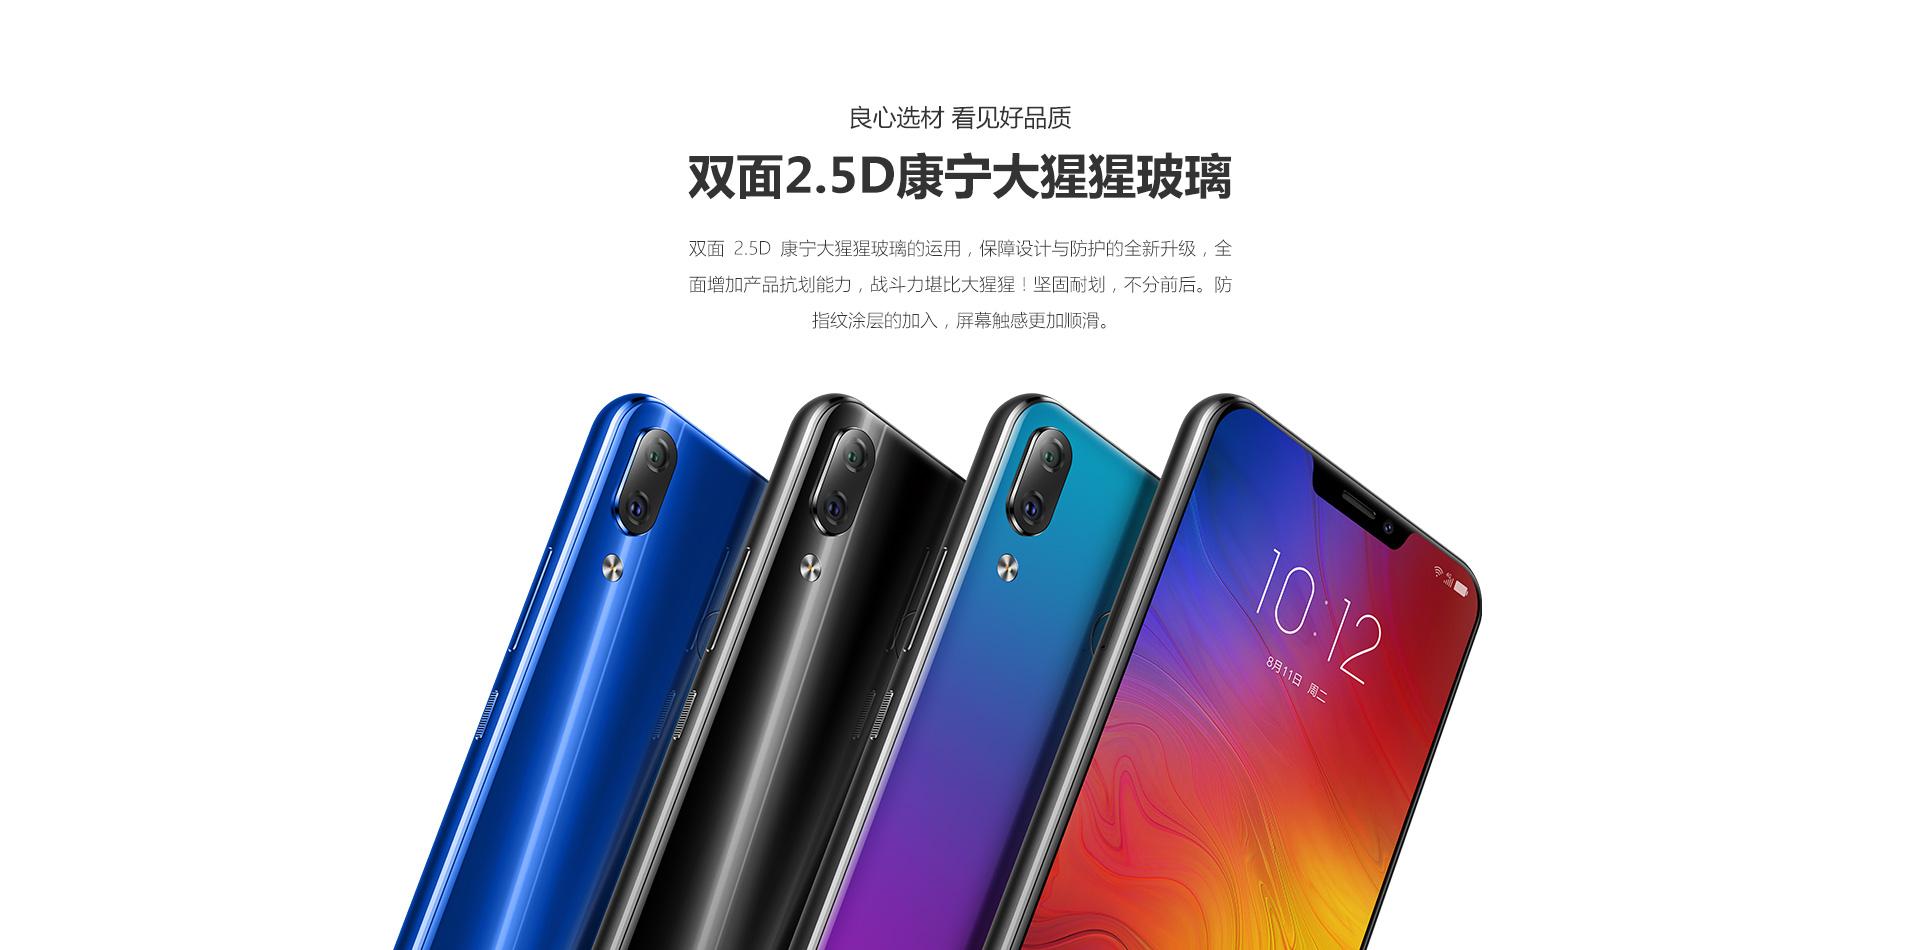 جوال Lenovo A5 و K5 Note و Z5 تعلن رسميًا في الصين